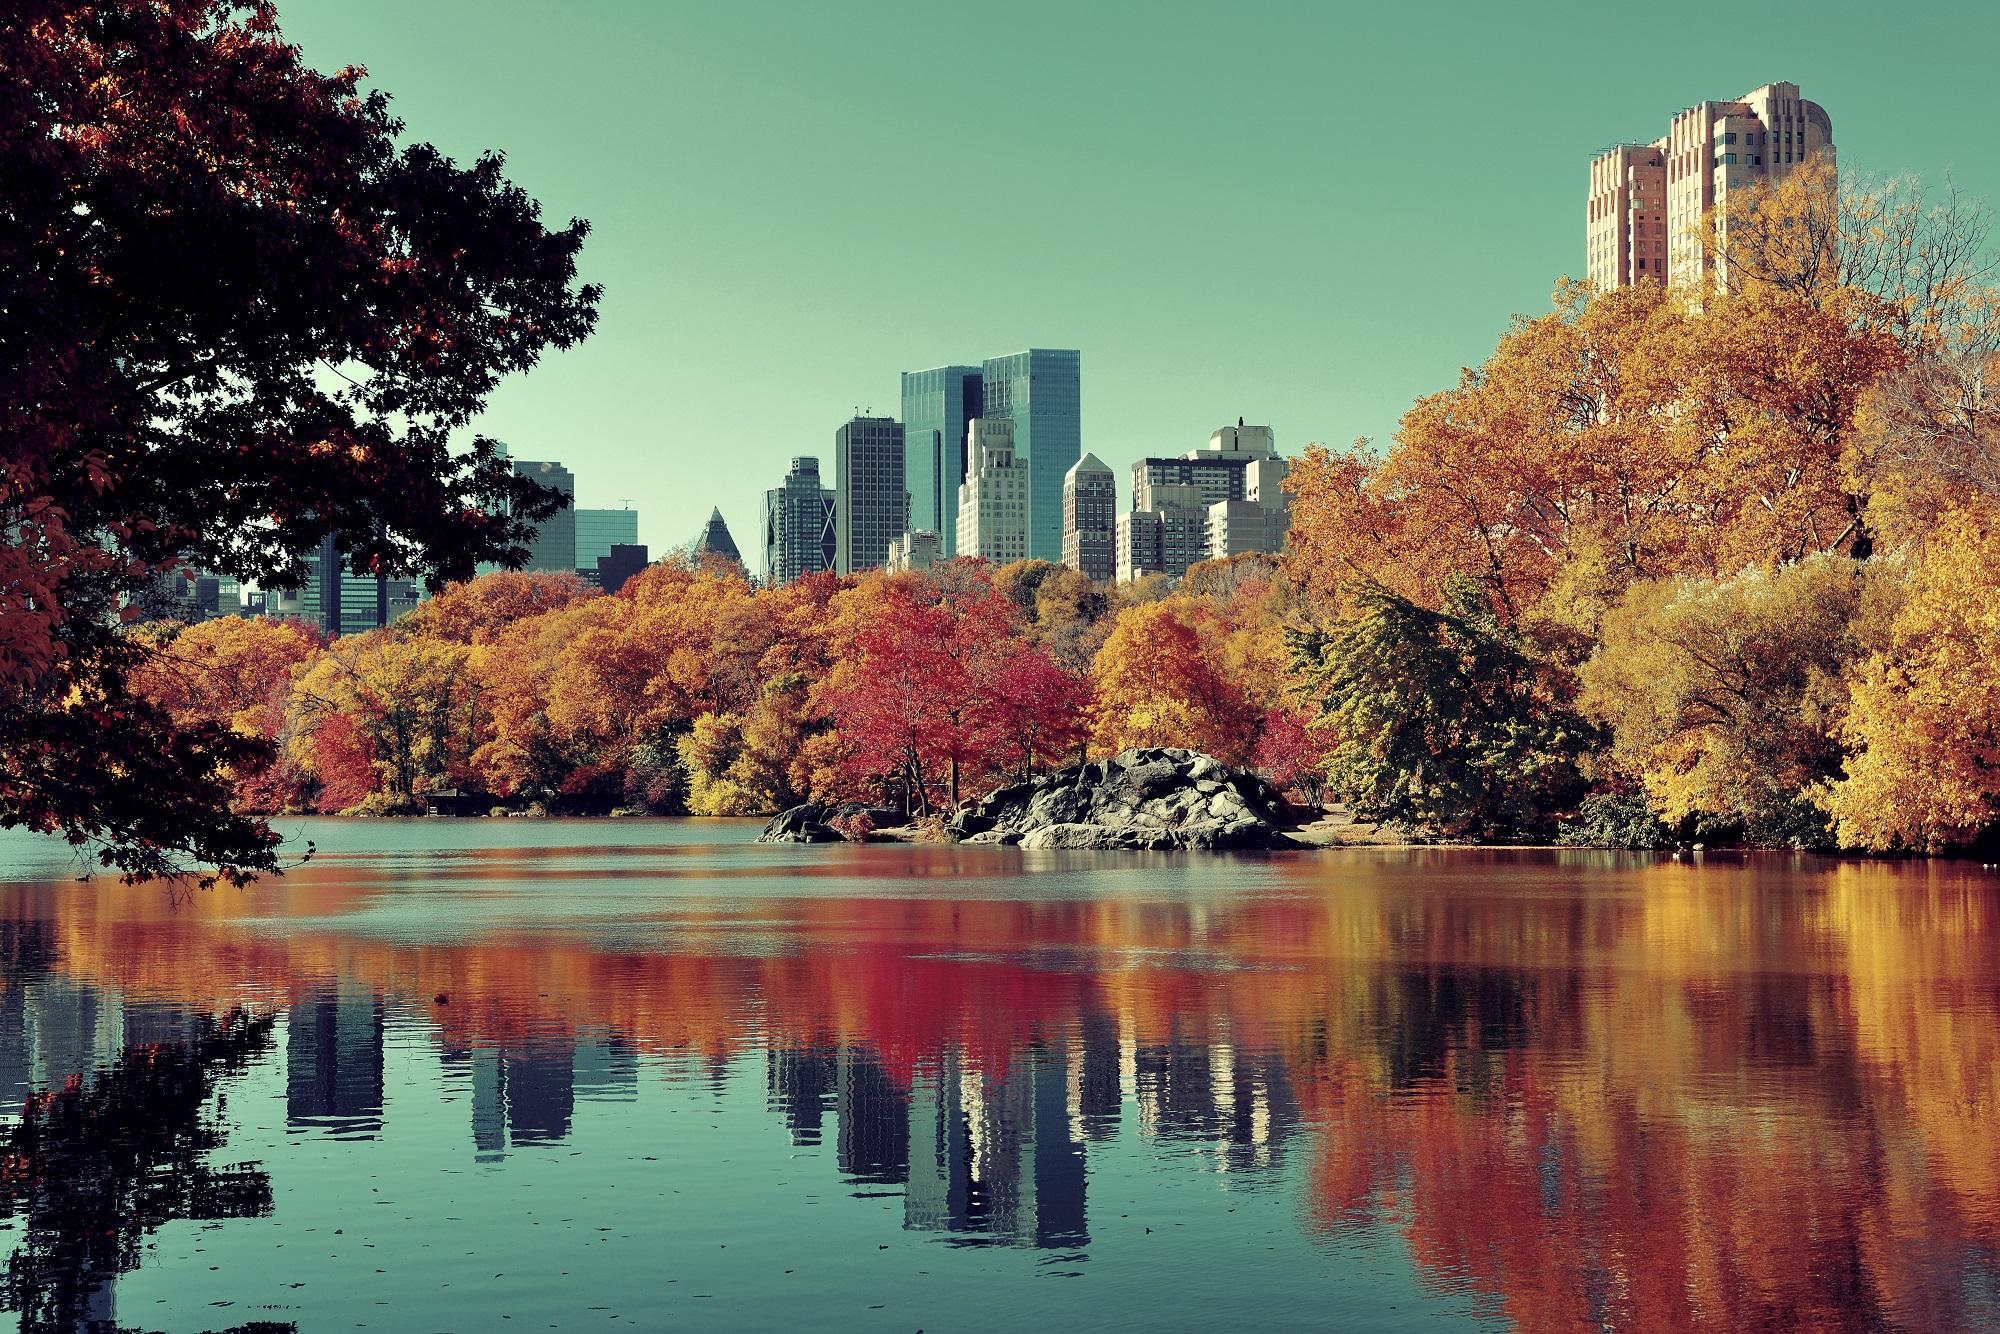 Отпуск в октябре. Куда поехать? Источник фото: Shutterstock